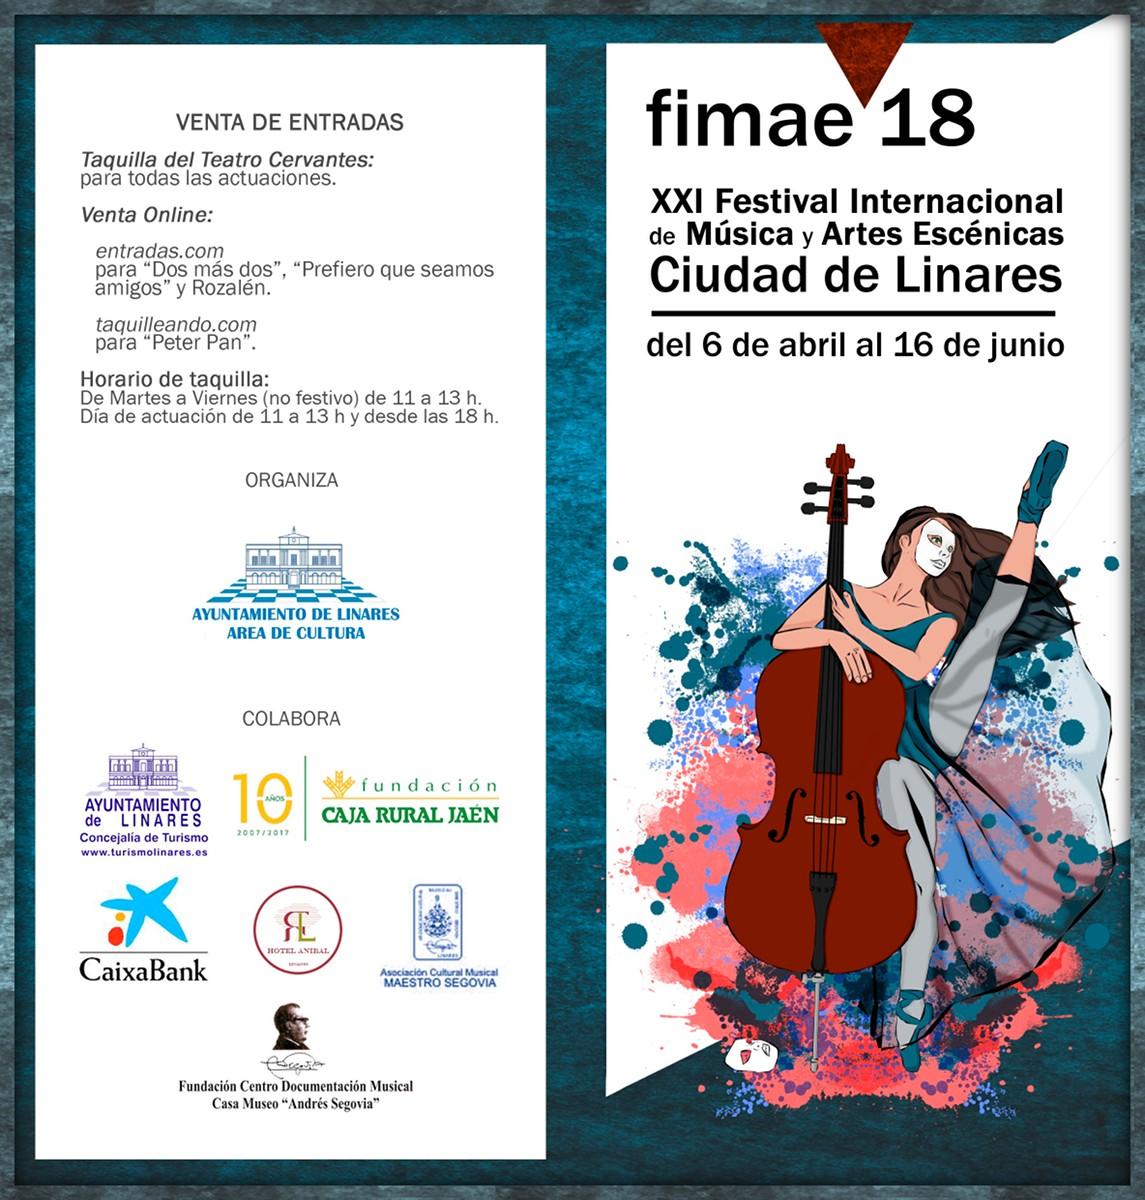 cartel - diptico del XXI Festival Internacional de Música y Artes Escénicas de Linares, Fimae'18